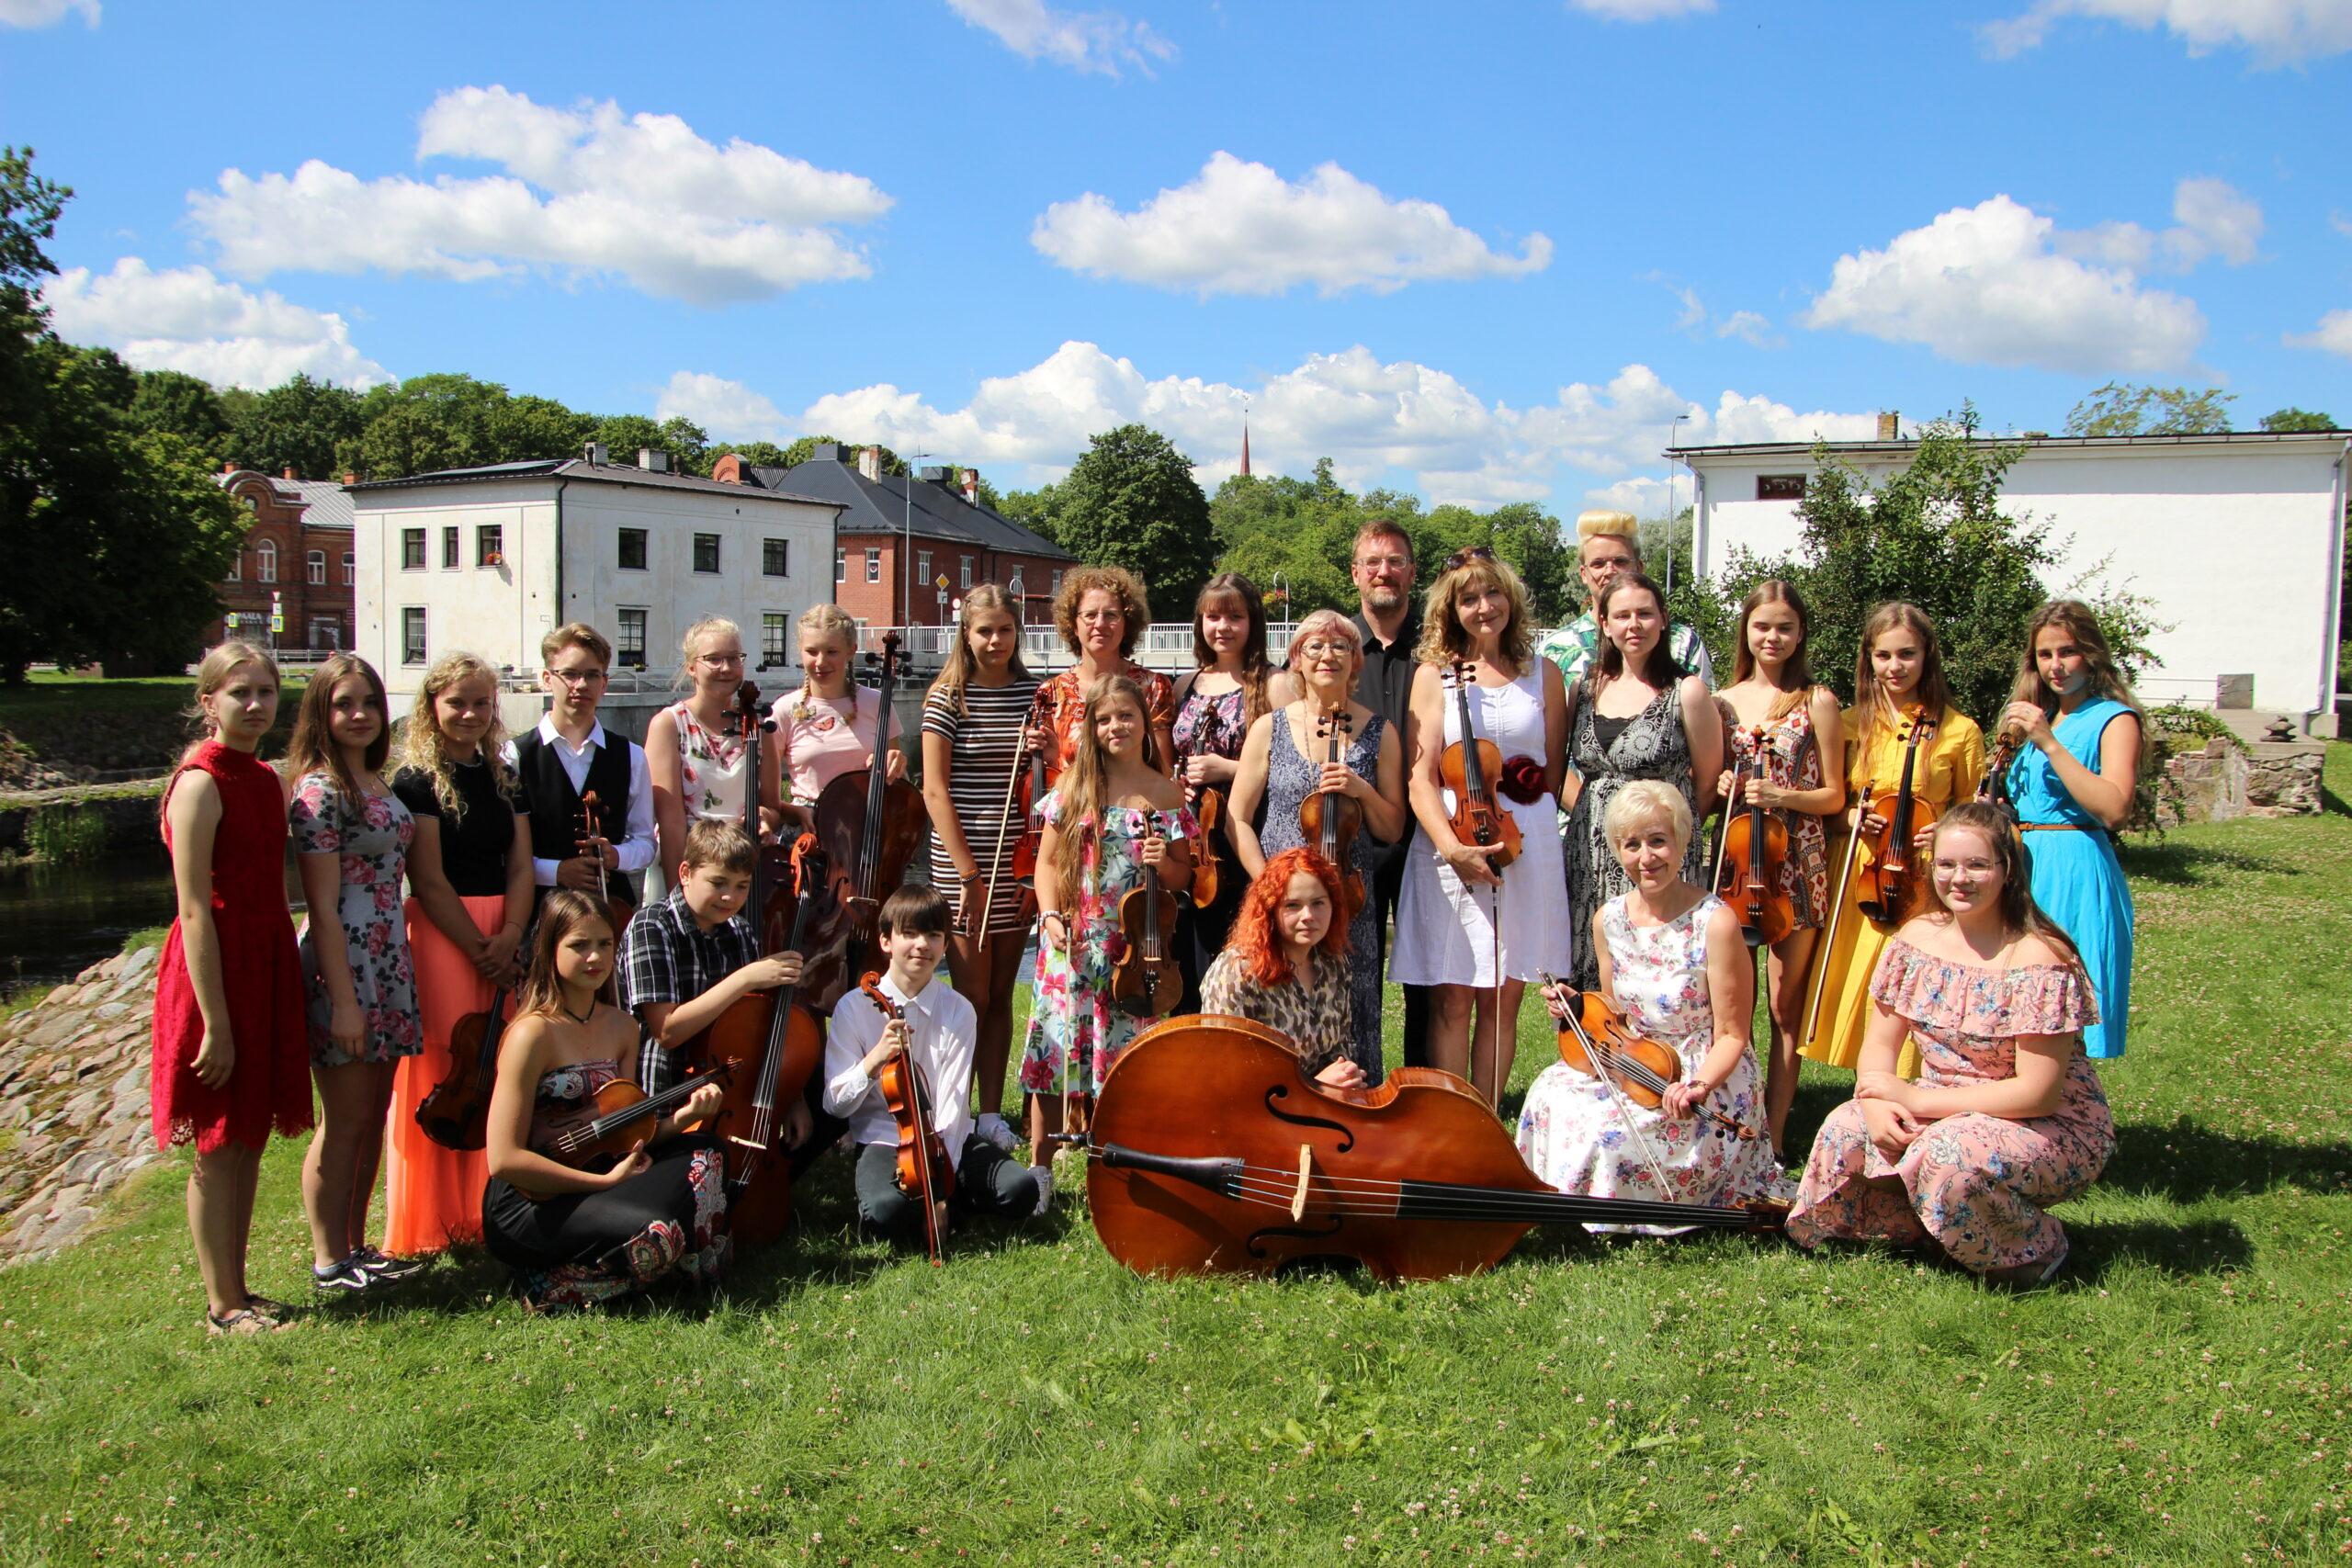 Põltsamaa muusikakooli kammerorkester Roosisaarel esinemas. Foto Raimo Metsamärt.